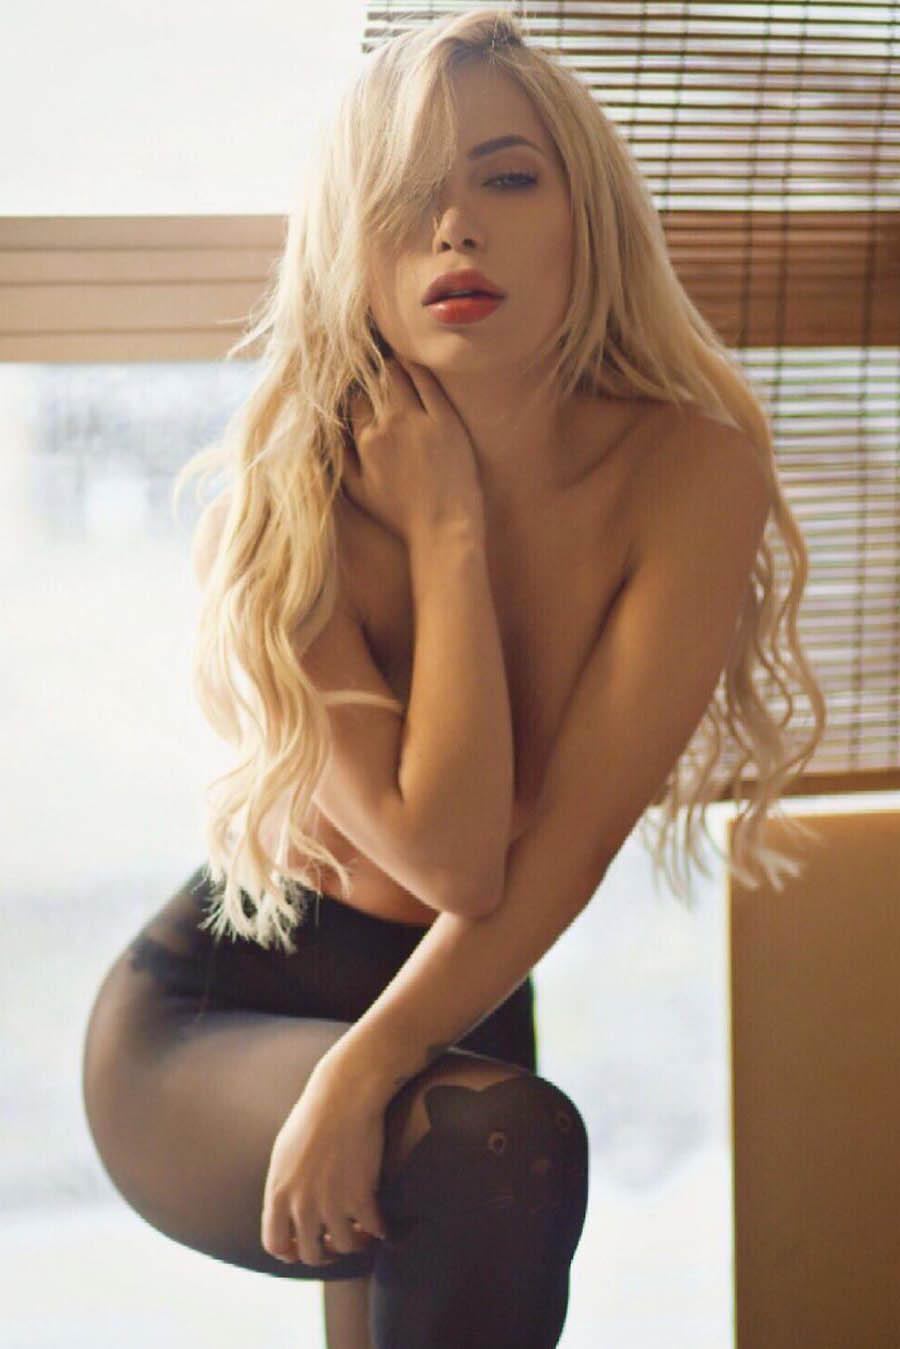 Model for singles Alexandra